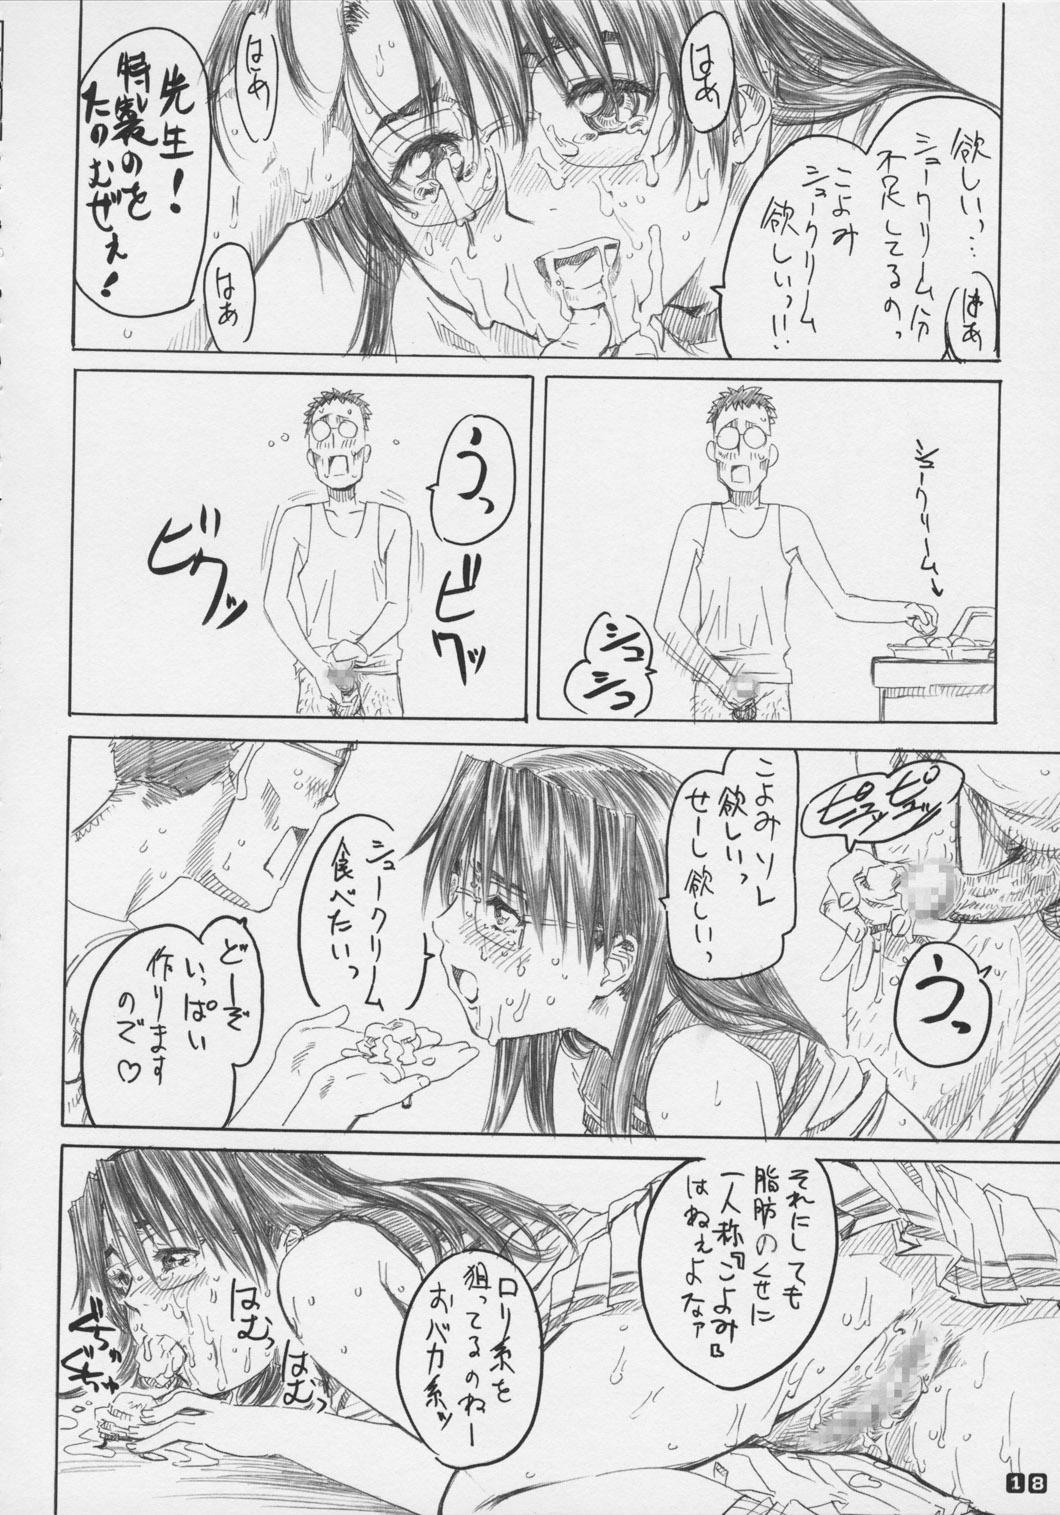 (C64) [MARUTA-DOJO (MARUTA)] Koyomi no Ren-nyu Tappuri Syu-Kuri-mu (Azumanga-Daioh) 17